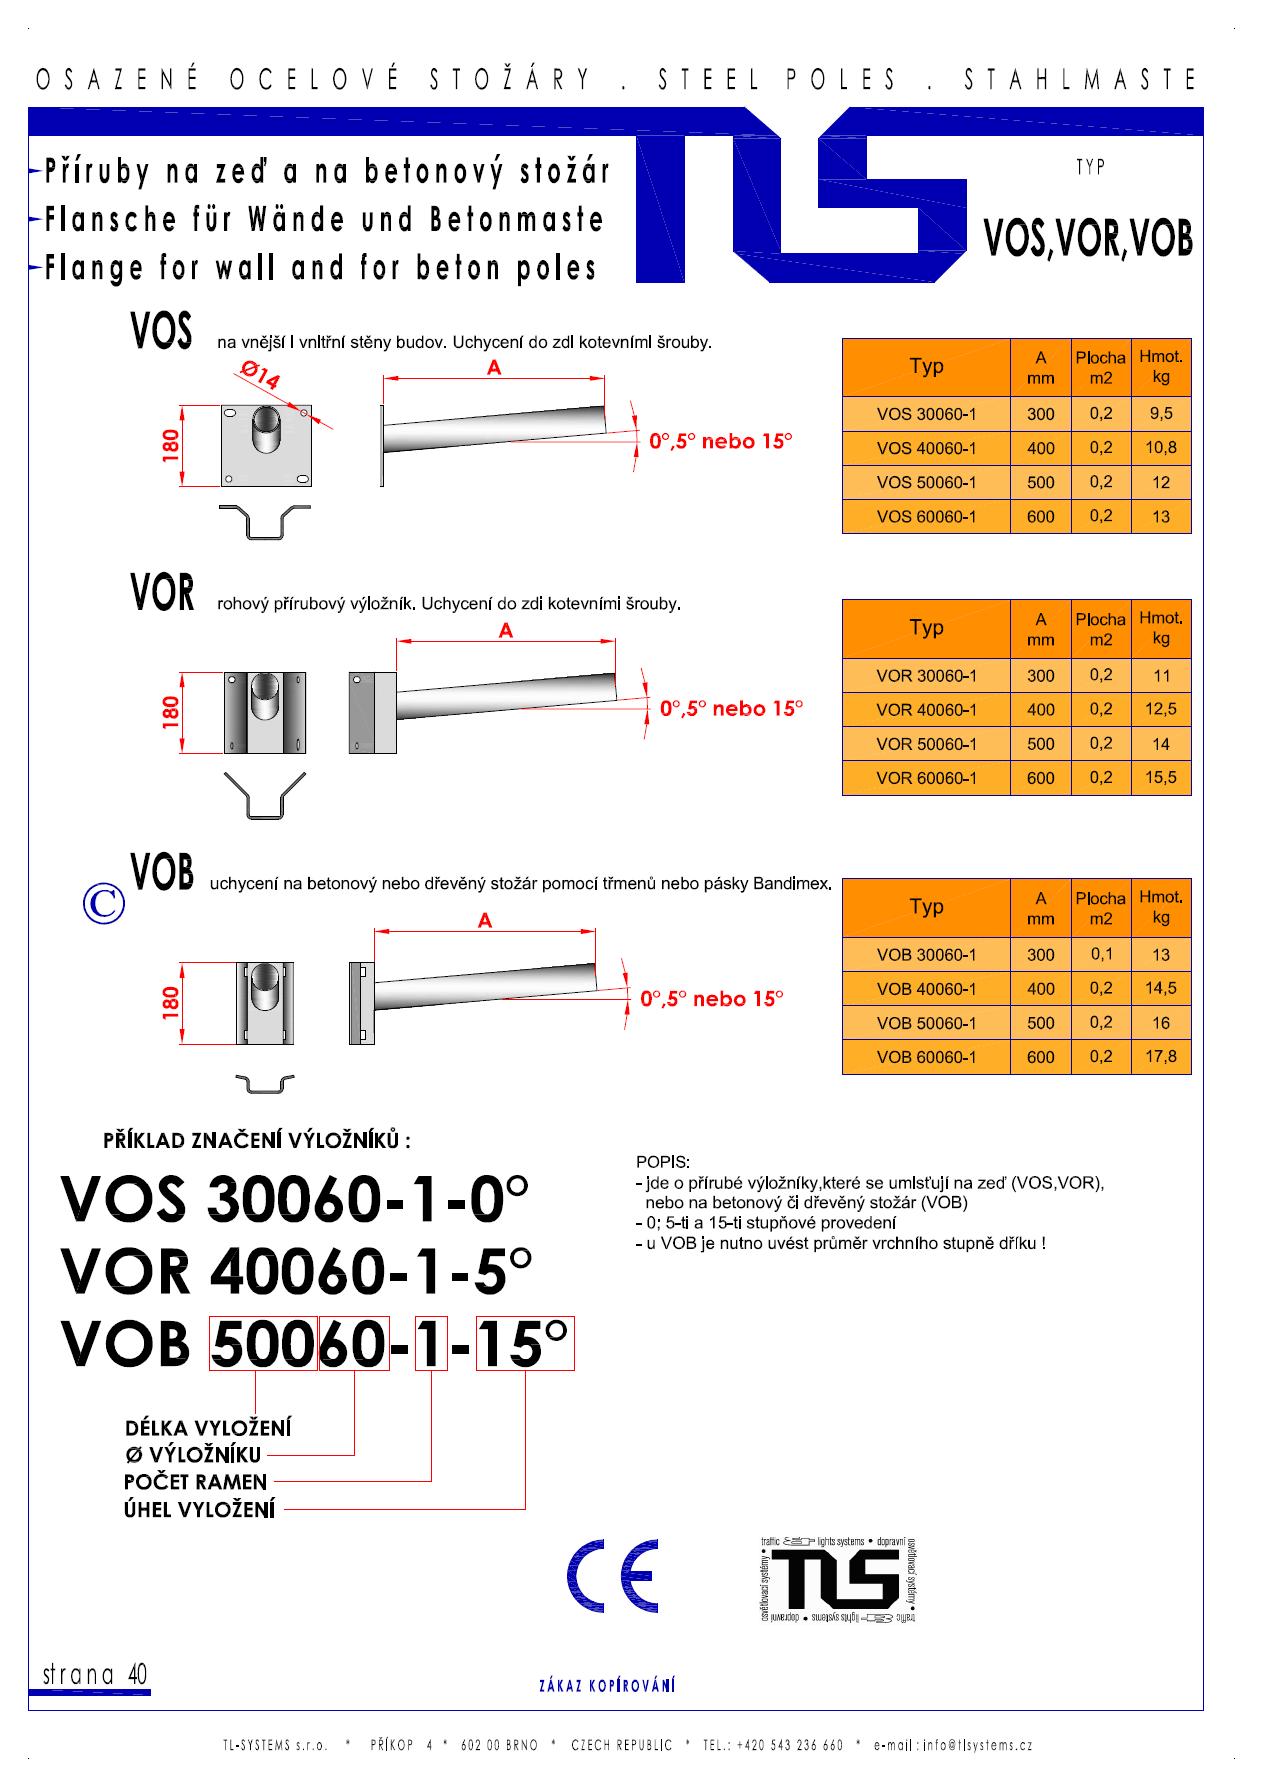 Katalogový list - výložníky typu VOS, VOR a VOB